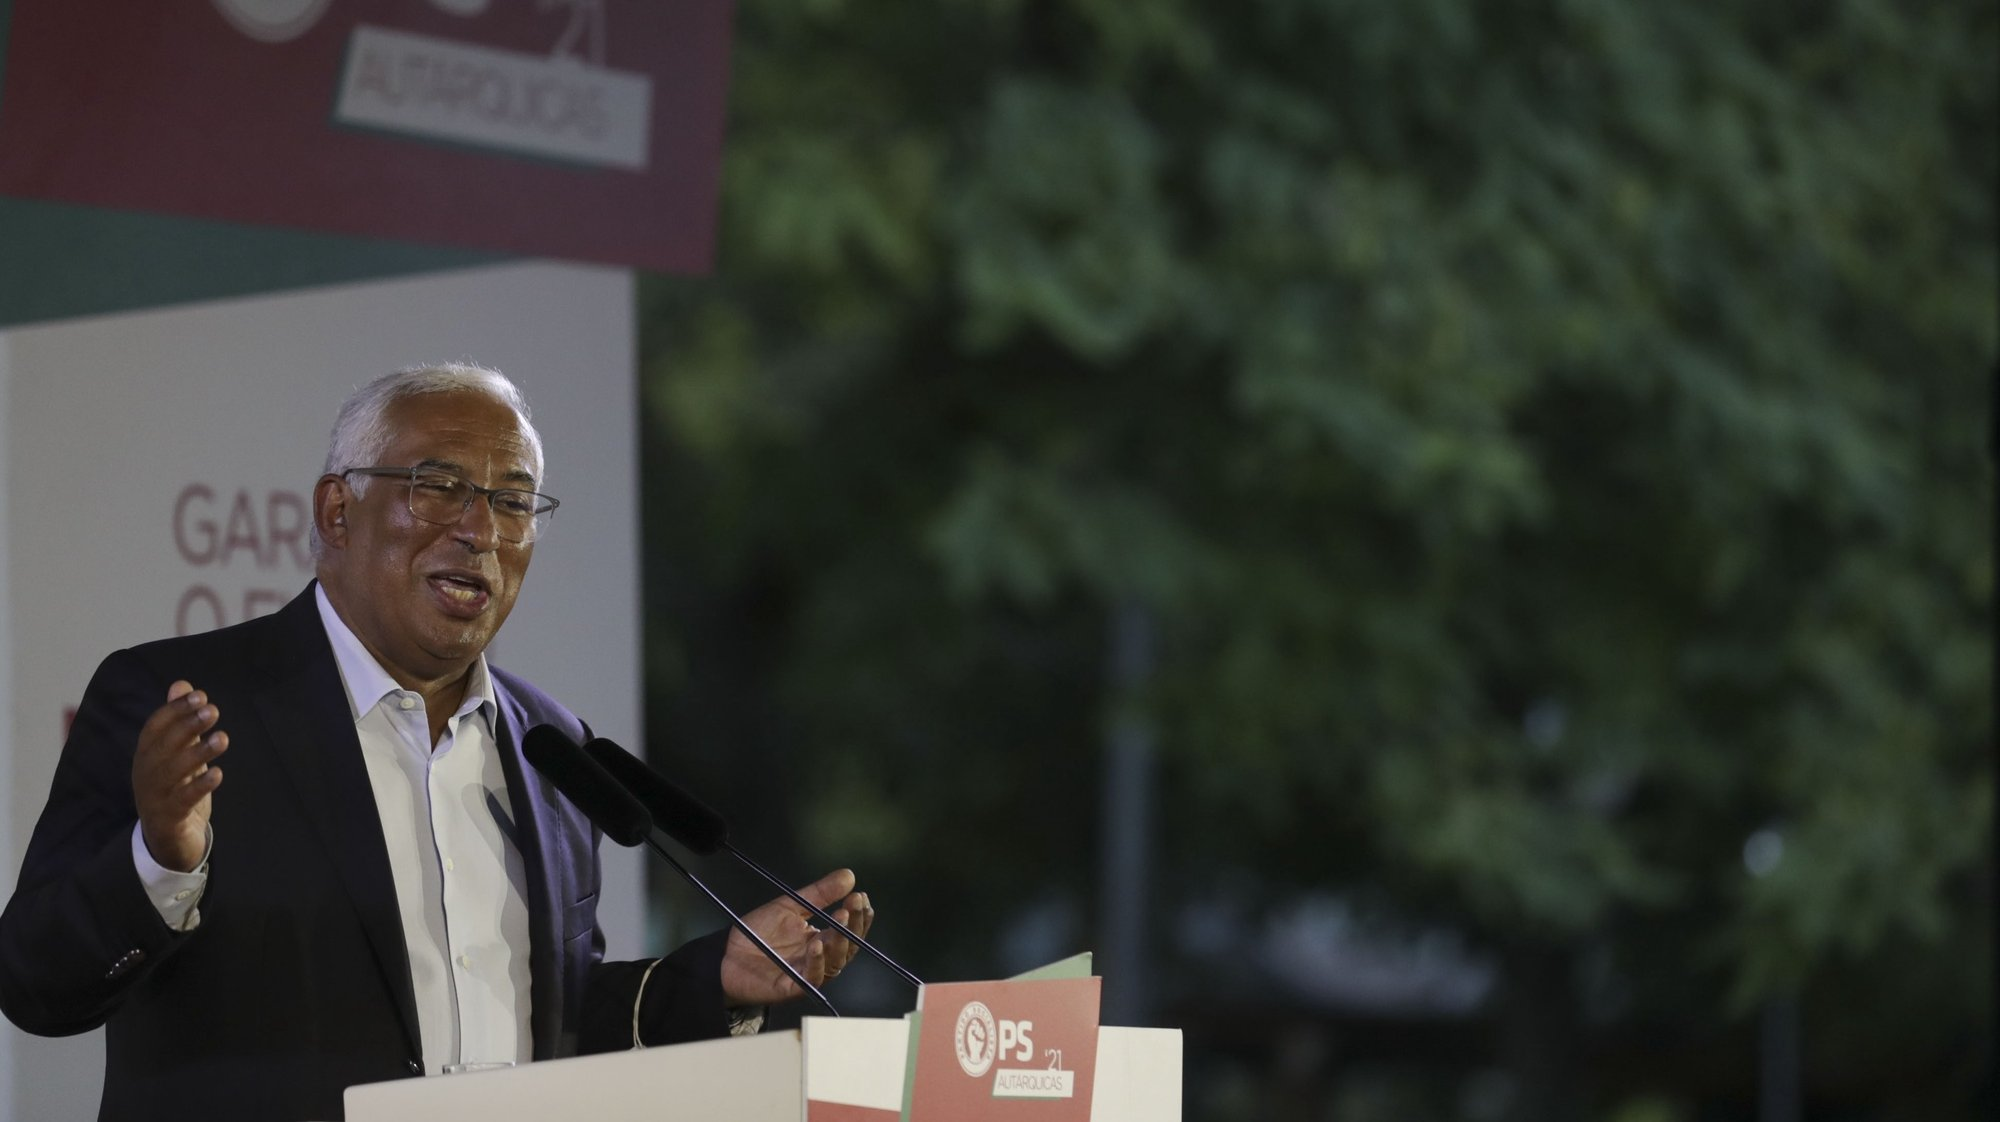 O secretário-geral do PS, António Costa, discursa na apresentação do programa eleitoral da candidatura do PS à Câmara Municipal de Loures, liderada pelo deputado Ricardo Leão (ausente da foto), Loures, 07 de setembro de 2021. TIAGO PETINGA/LUSA